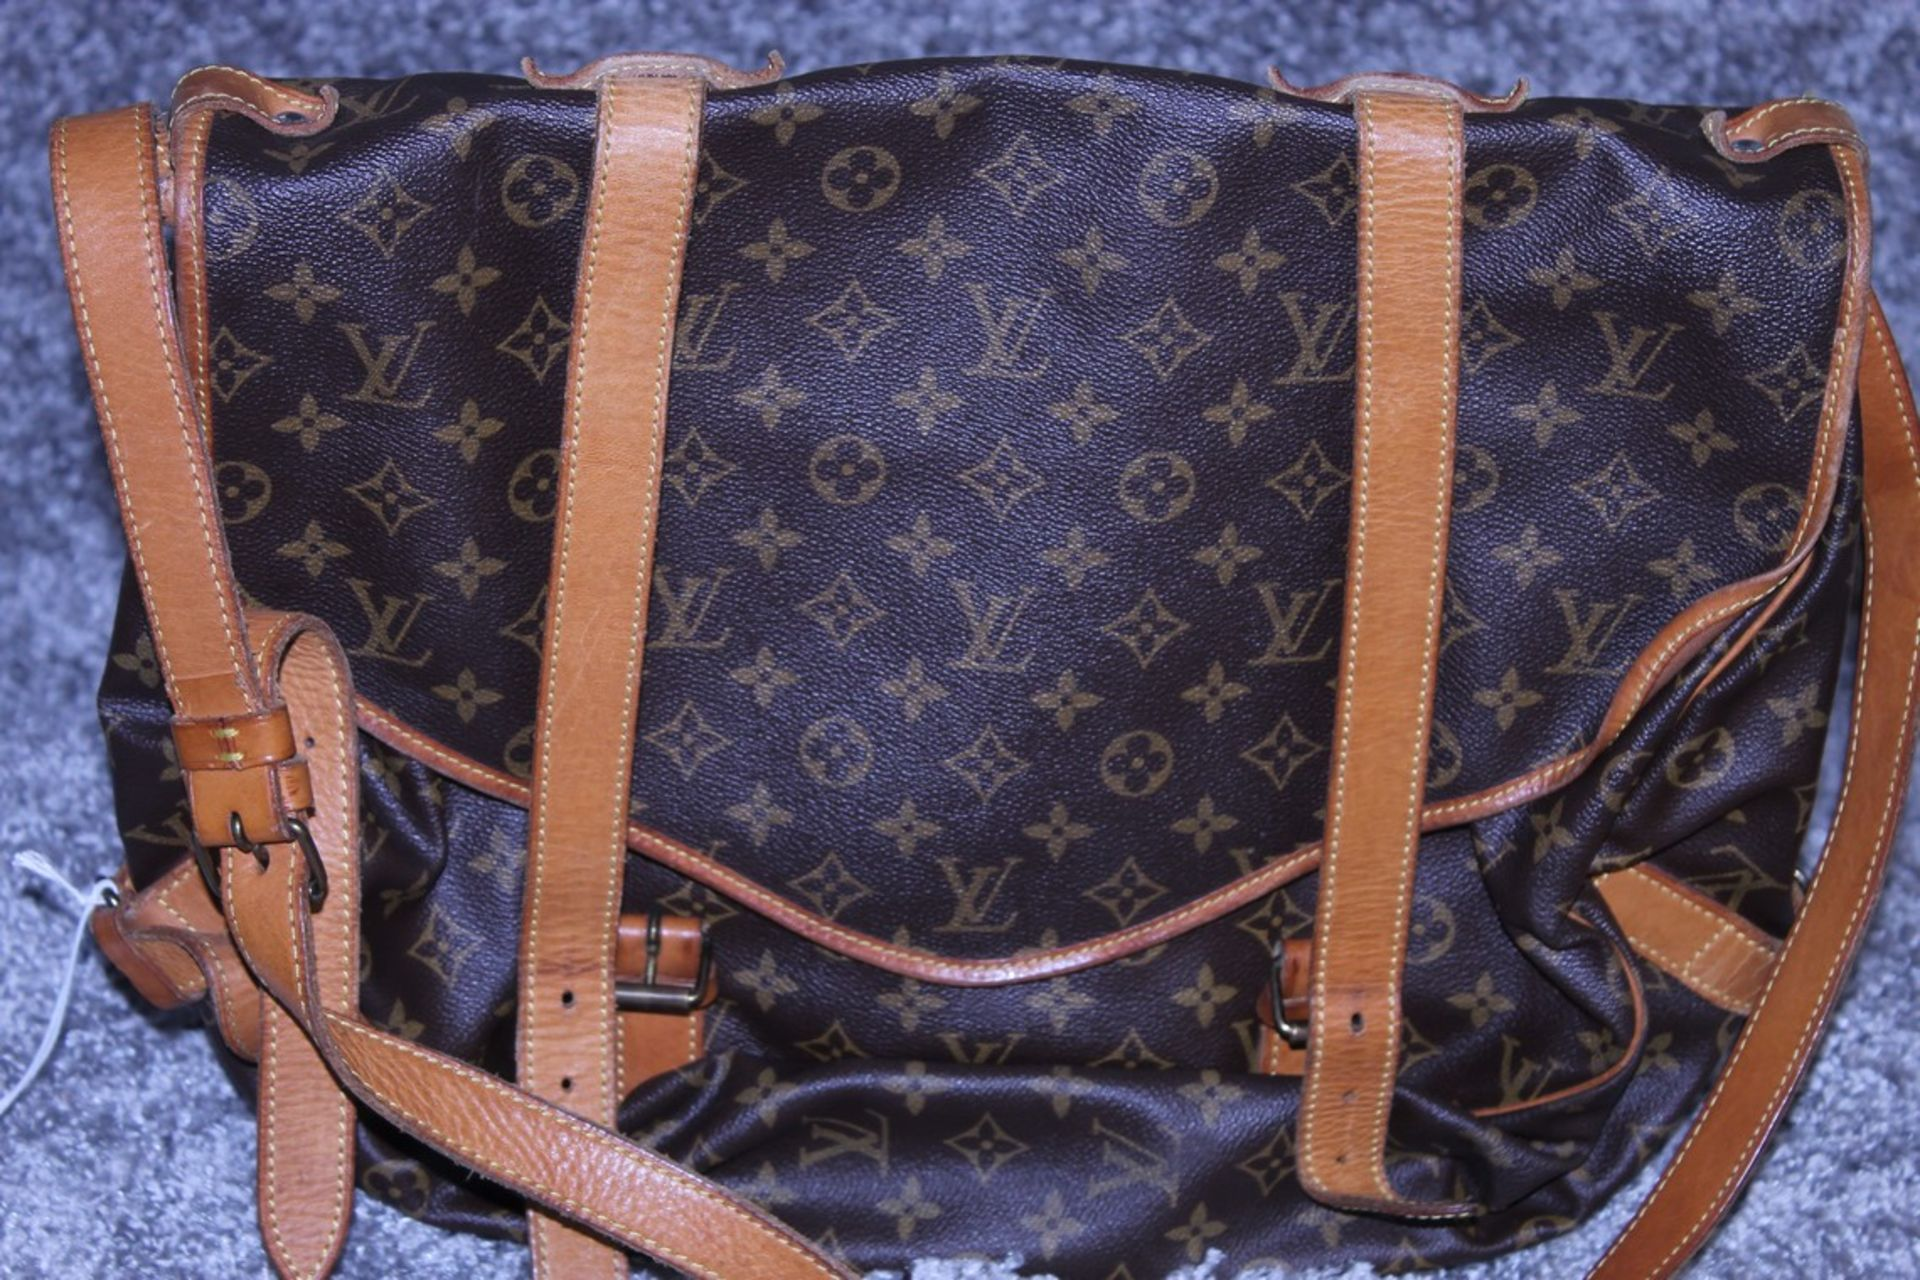 RRP £1,500 Louis Vuitton Saumur Double Strap Shoulder Bag, Brown Monogram Canvas, Vachetta - Image 2 of 4